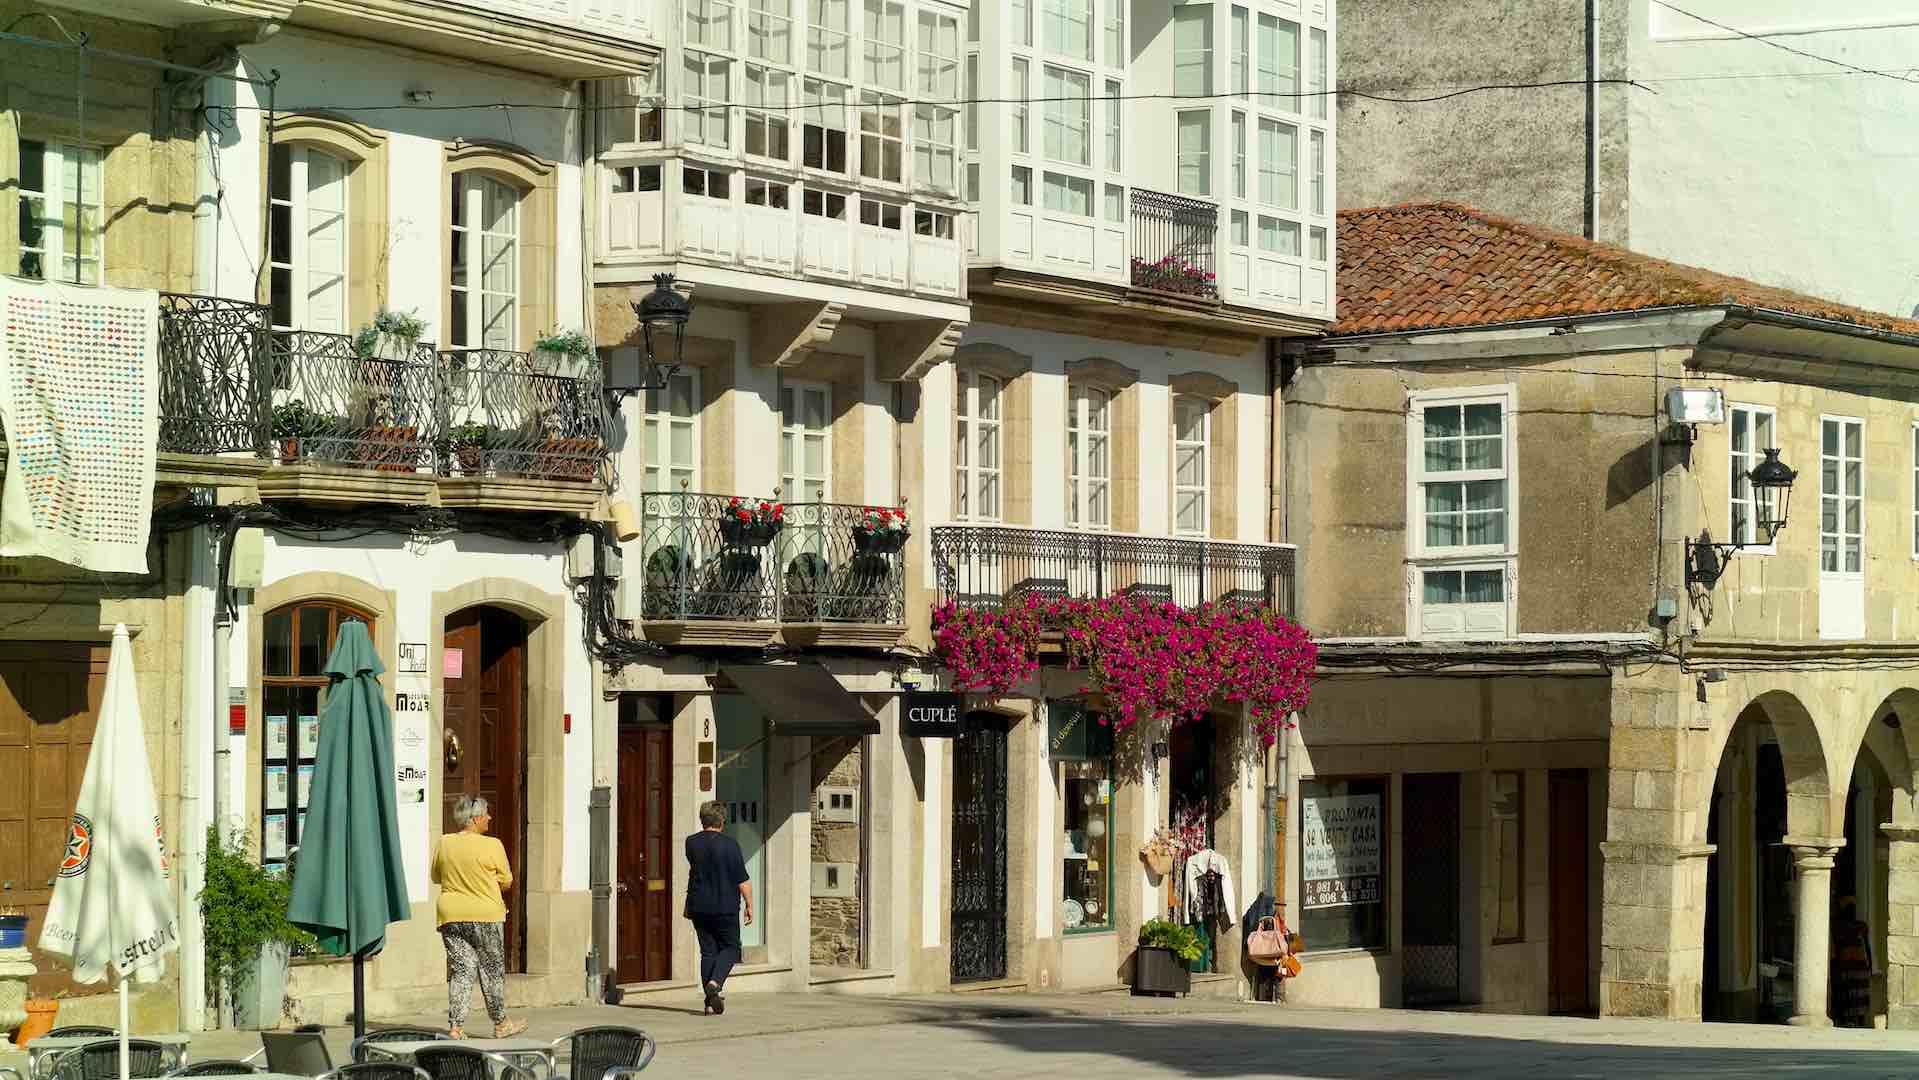 El casco antiguo de Betanzos fue declarado Conjunto Histórico-Artístico en 1970